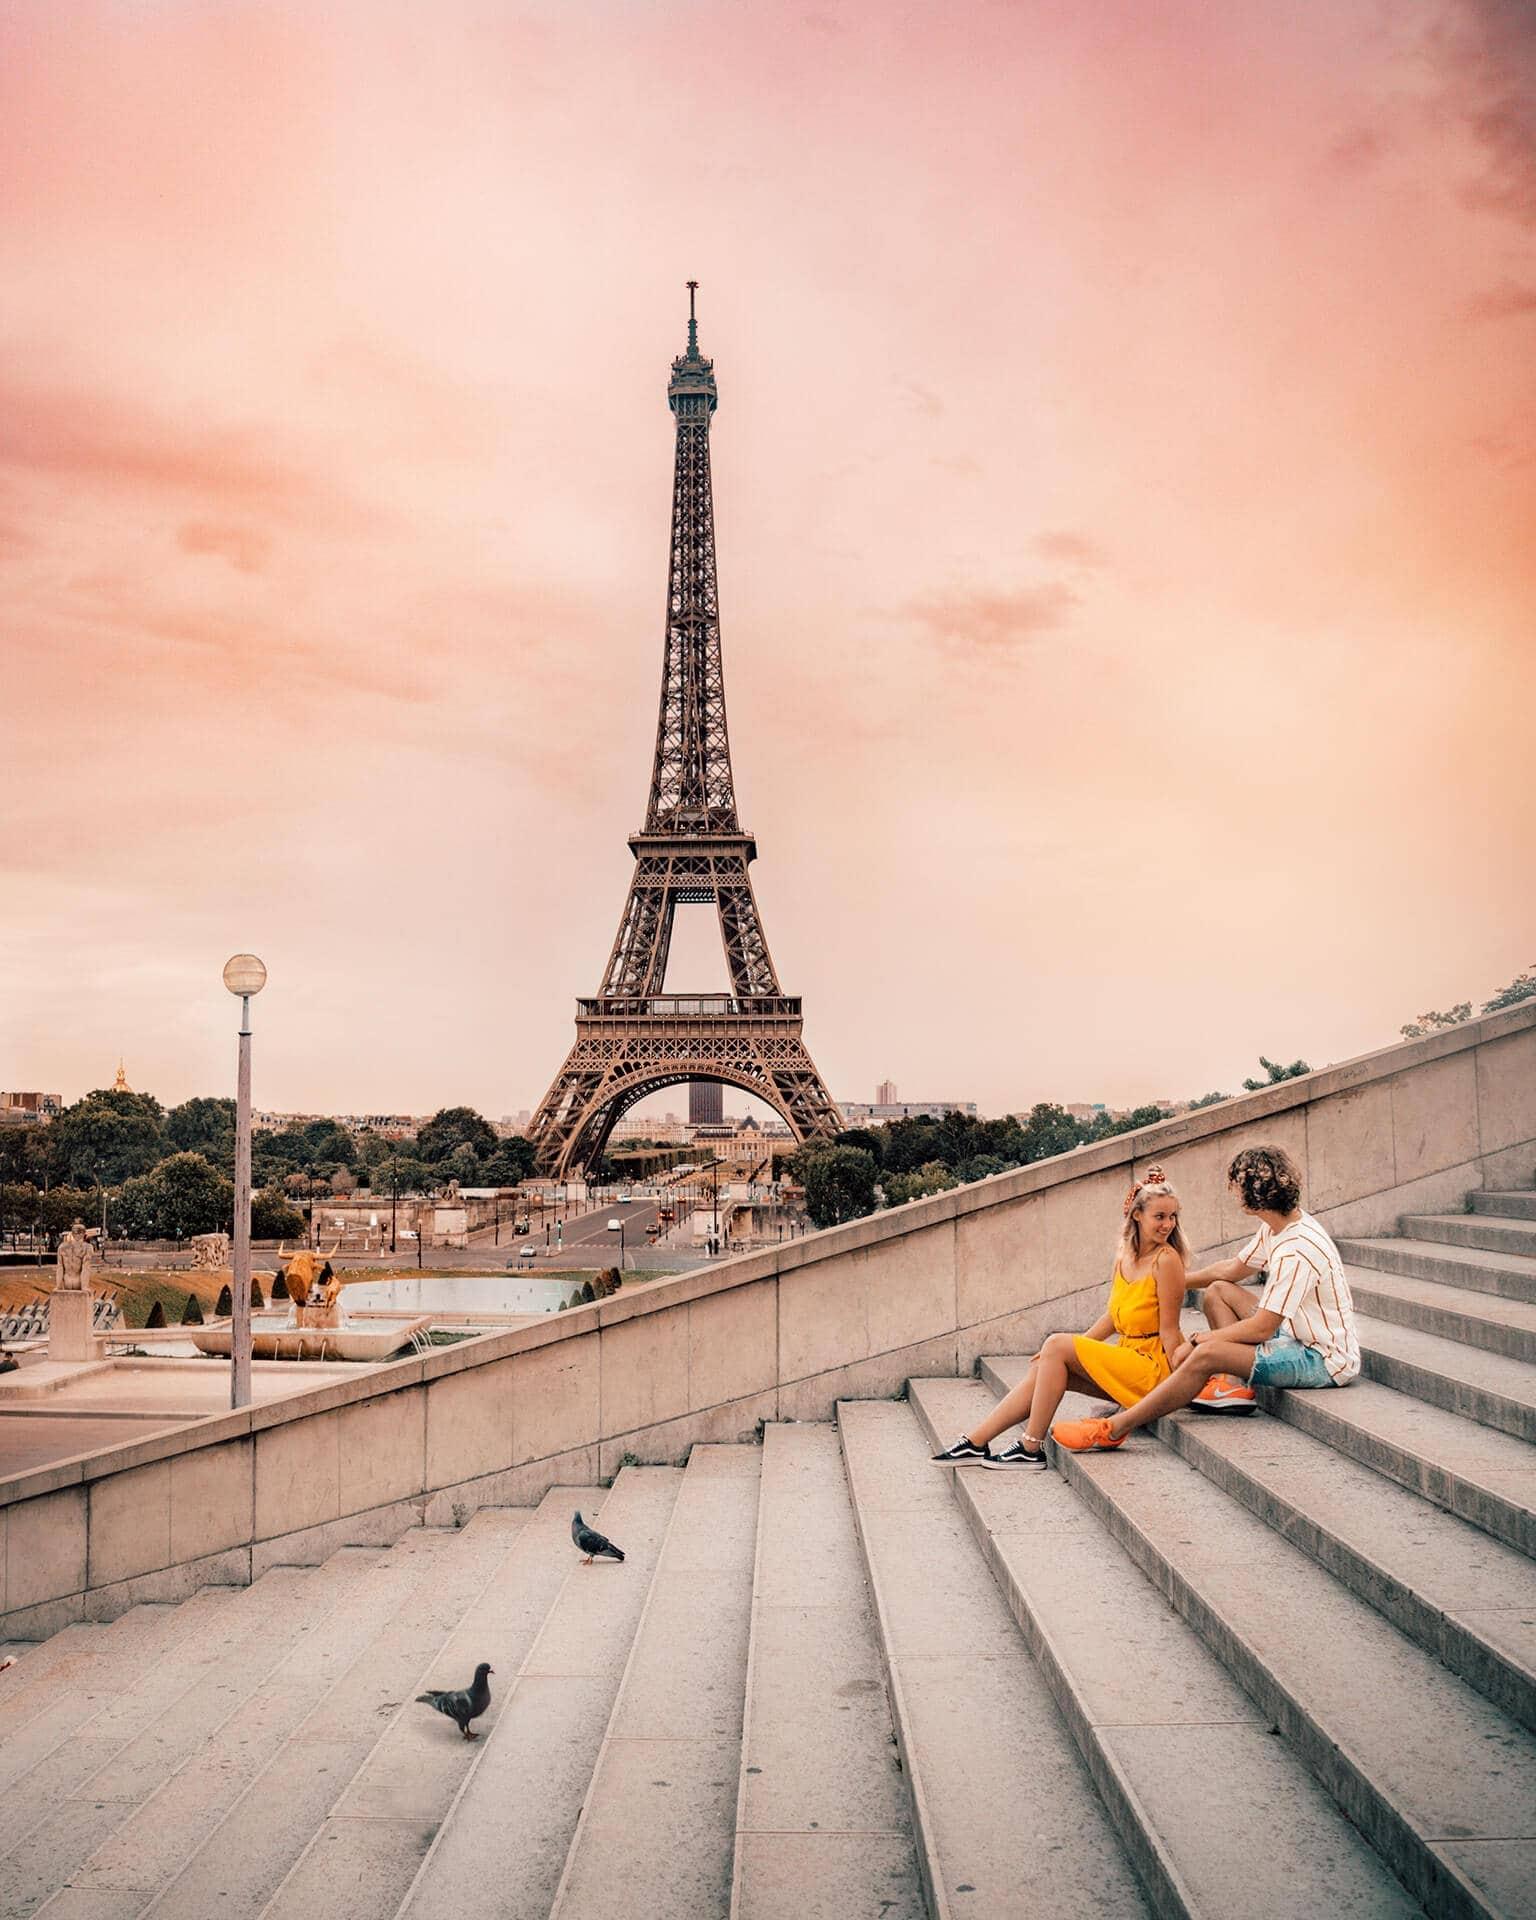 paris city trip guide eiffel tower view